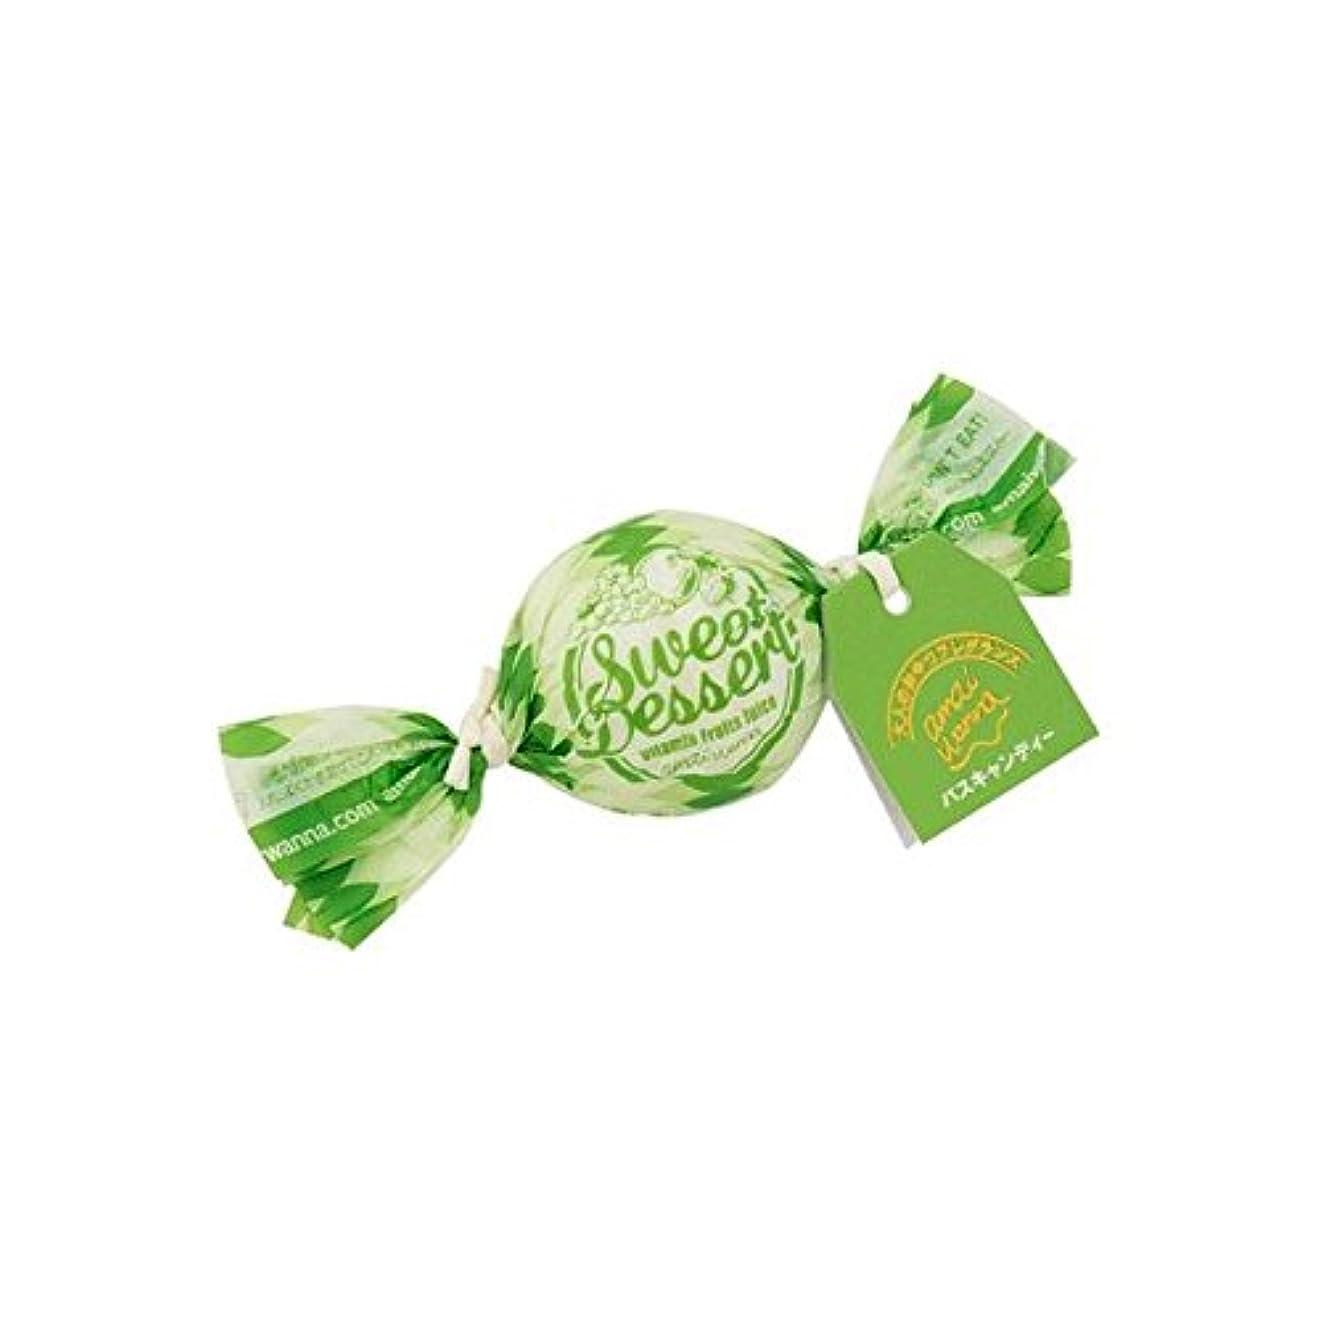 暗唱する絶対に軽減グローバルプロダクトプランニング アマイワナ バスキャンディー 1粒 ビタミンフルーツジュース 35g 4517161124224